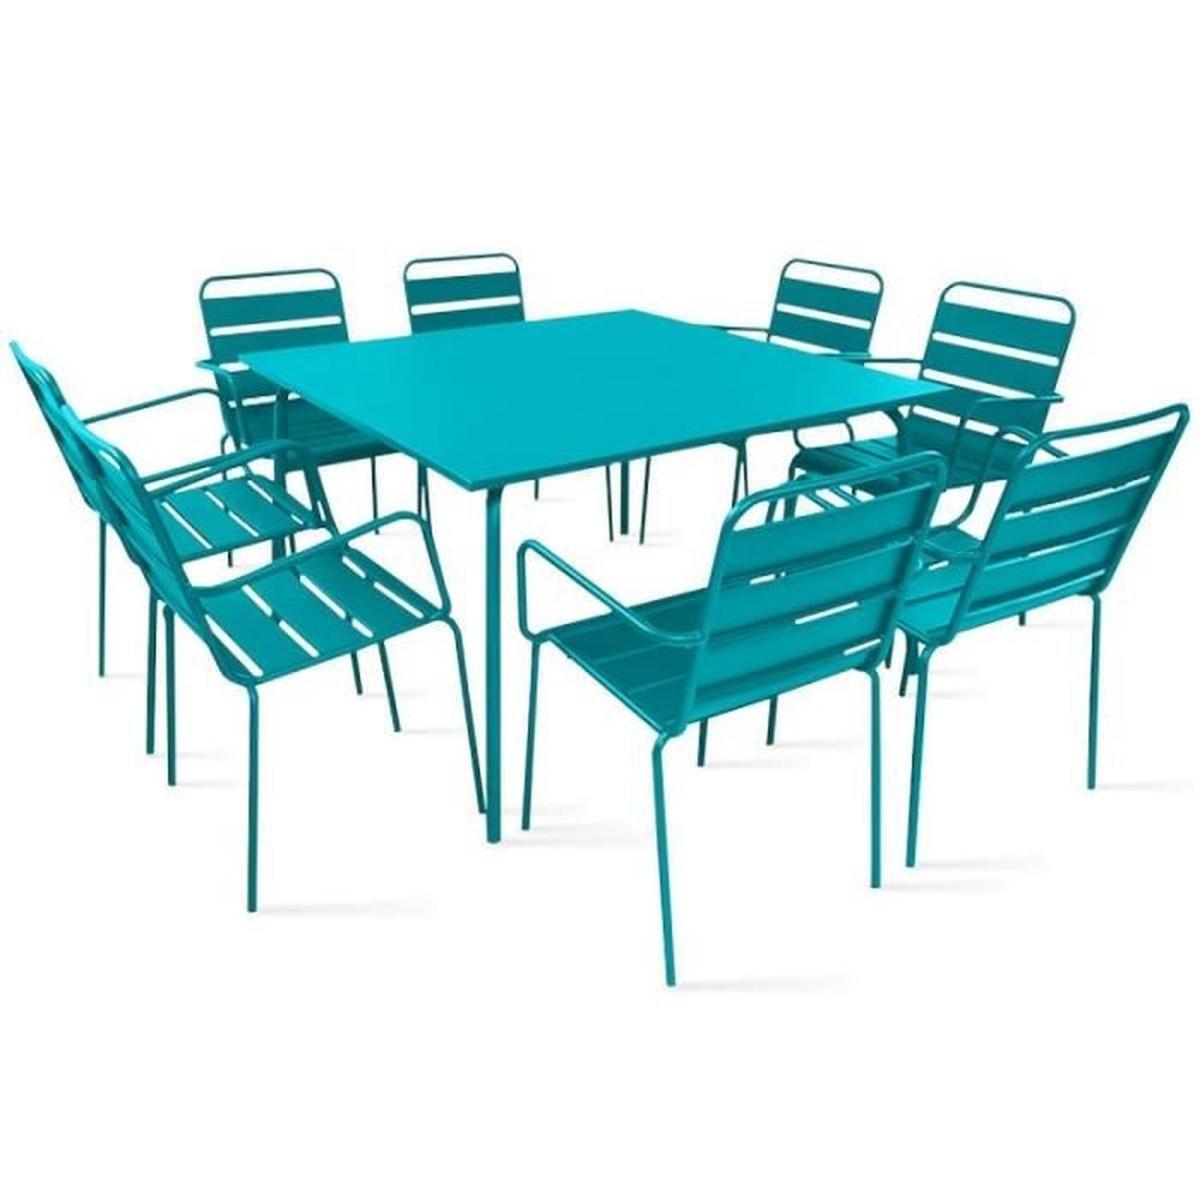 Table De Jardin Carrée En Métal 120 Cm Et 8 Fauteuils En ... encequiconcerne Table De Jardin Carre